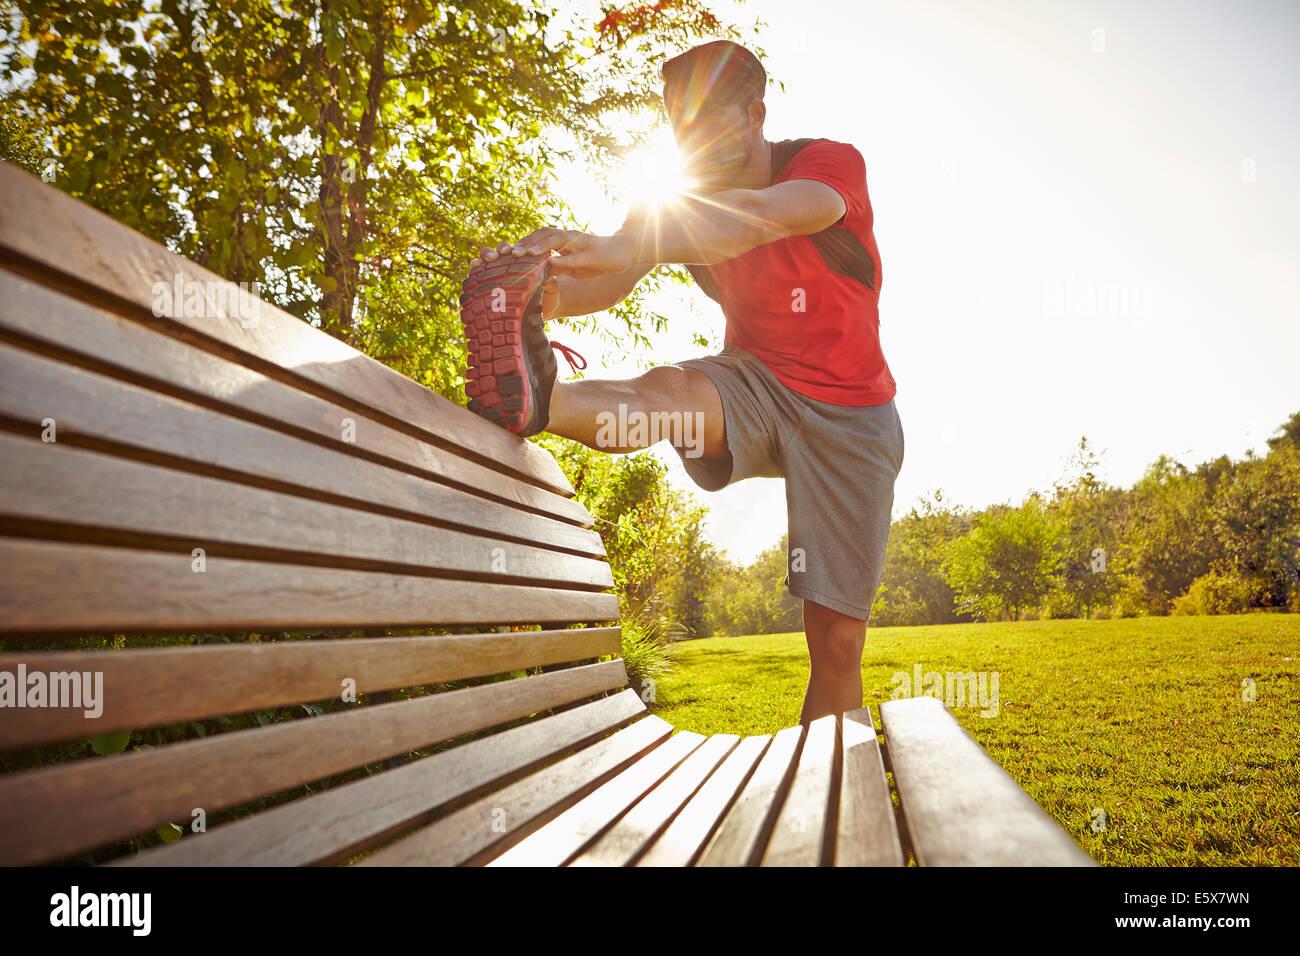 Macho joven corredor estirar las piernas en un banco del parque Imagen De Stock